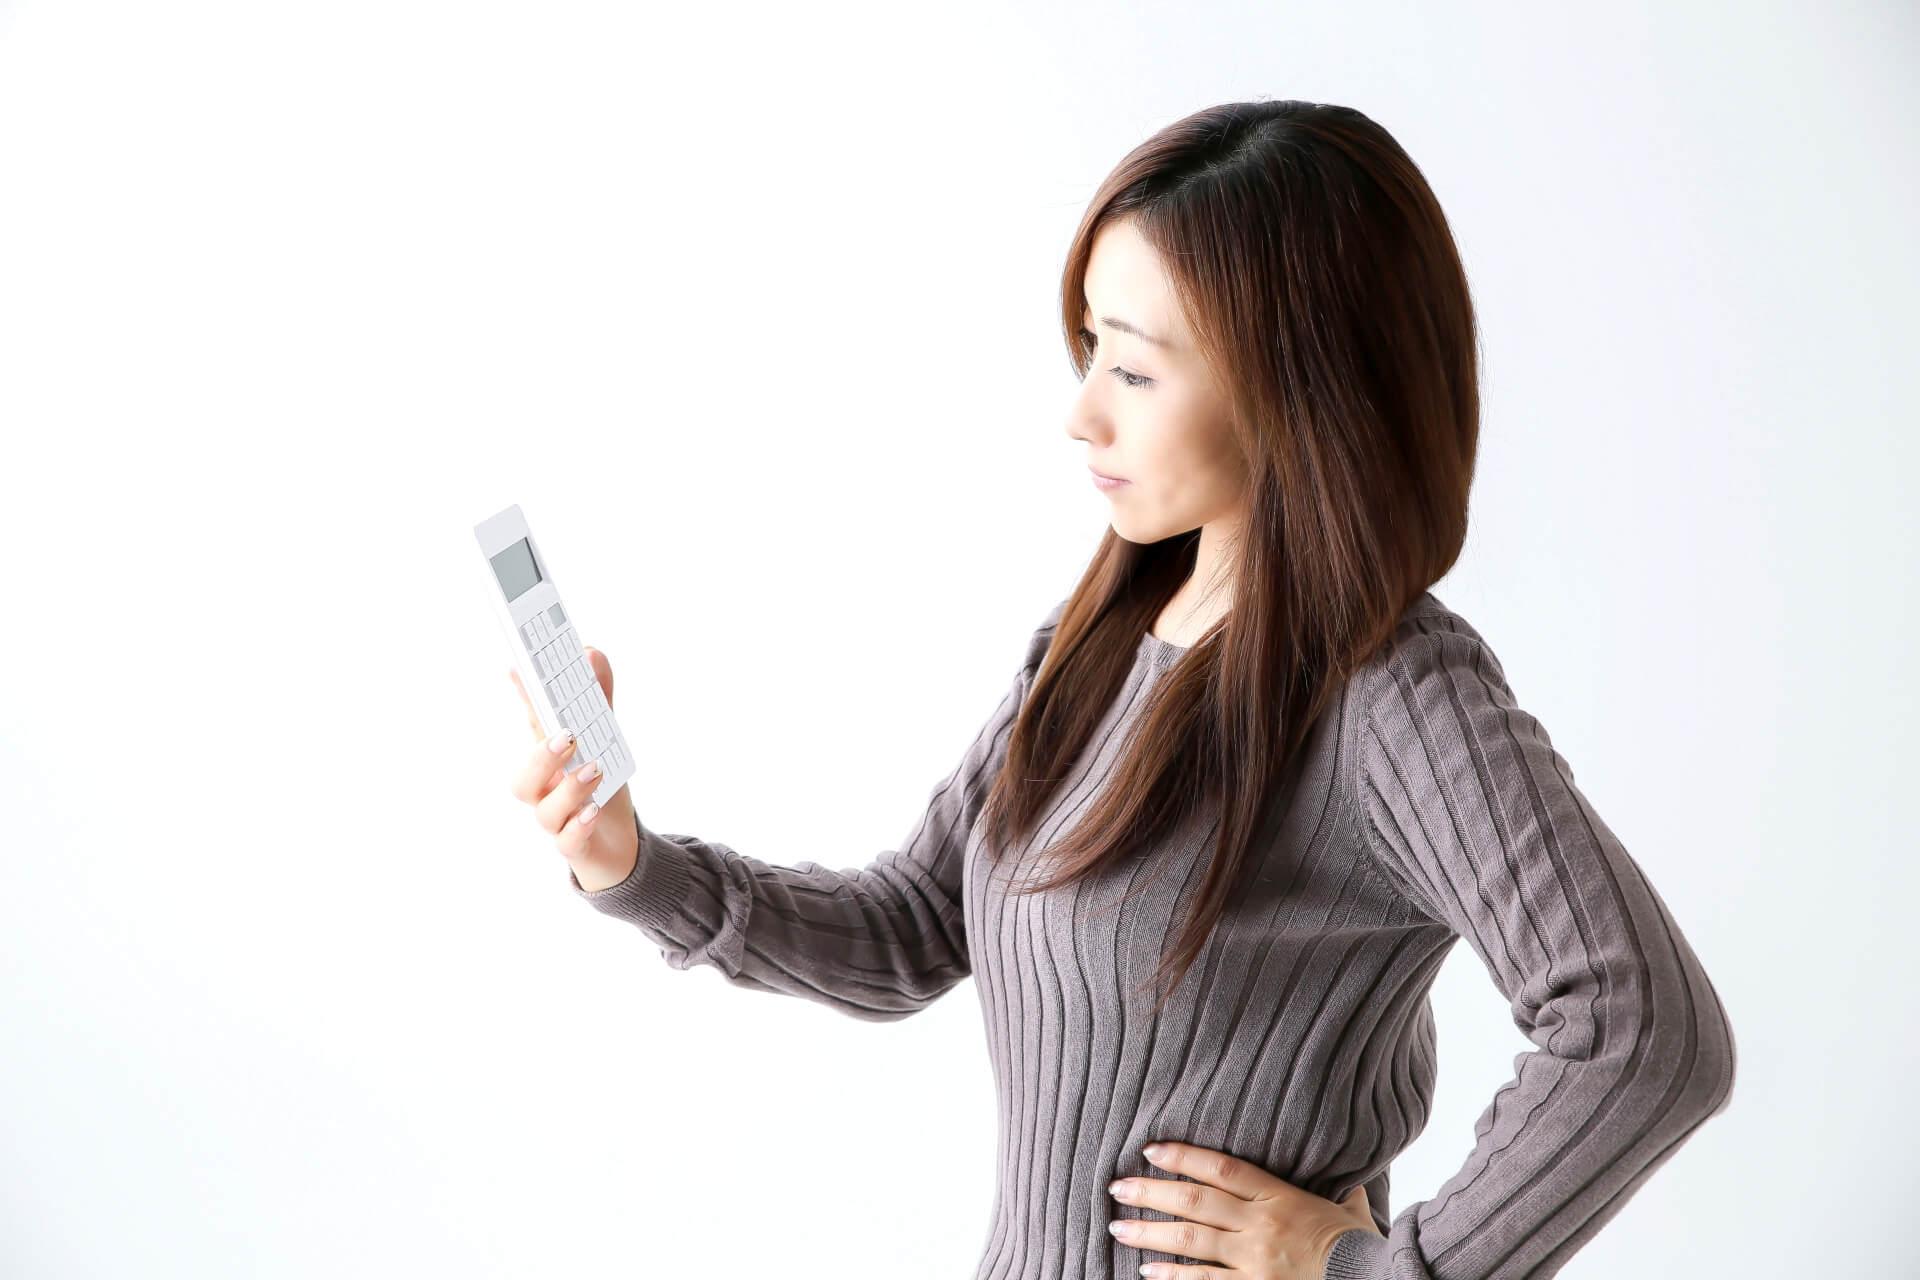 電卓を眺める女性